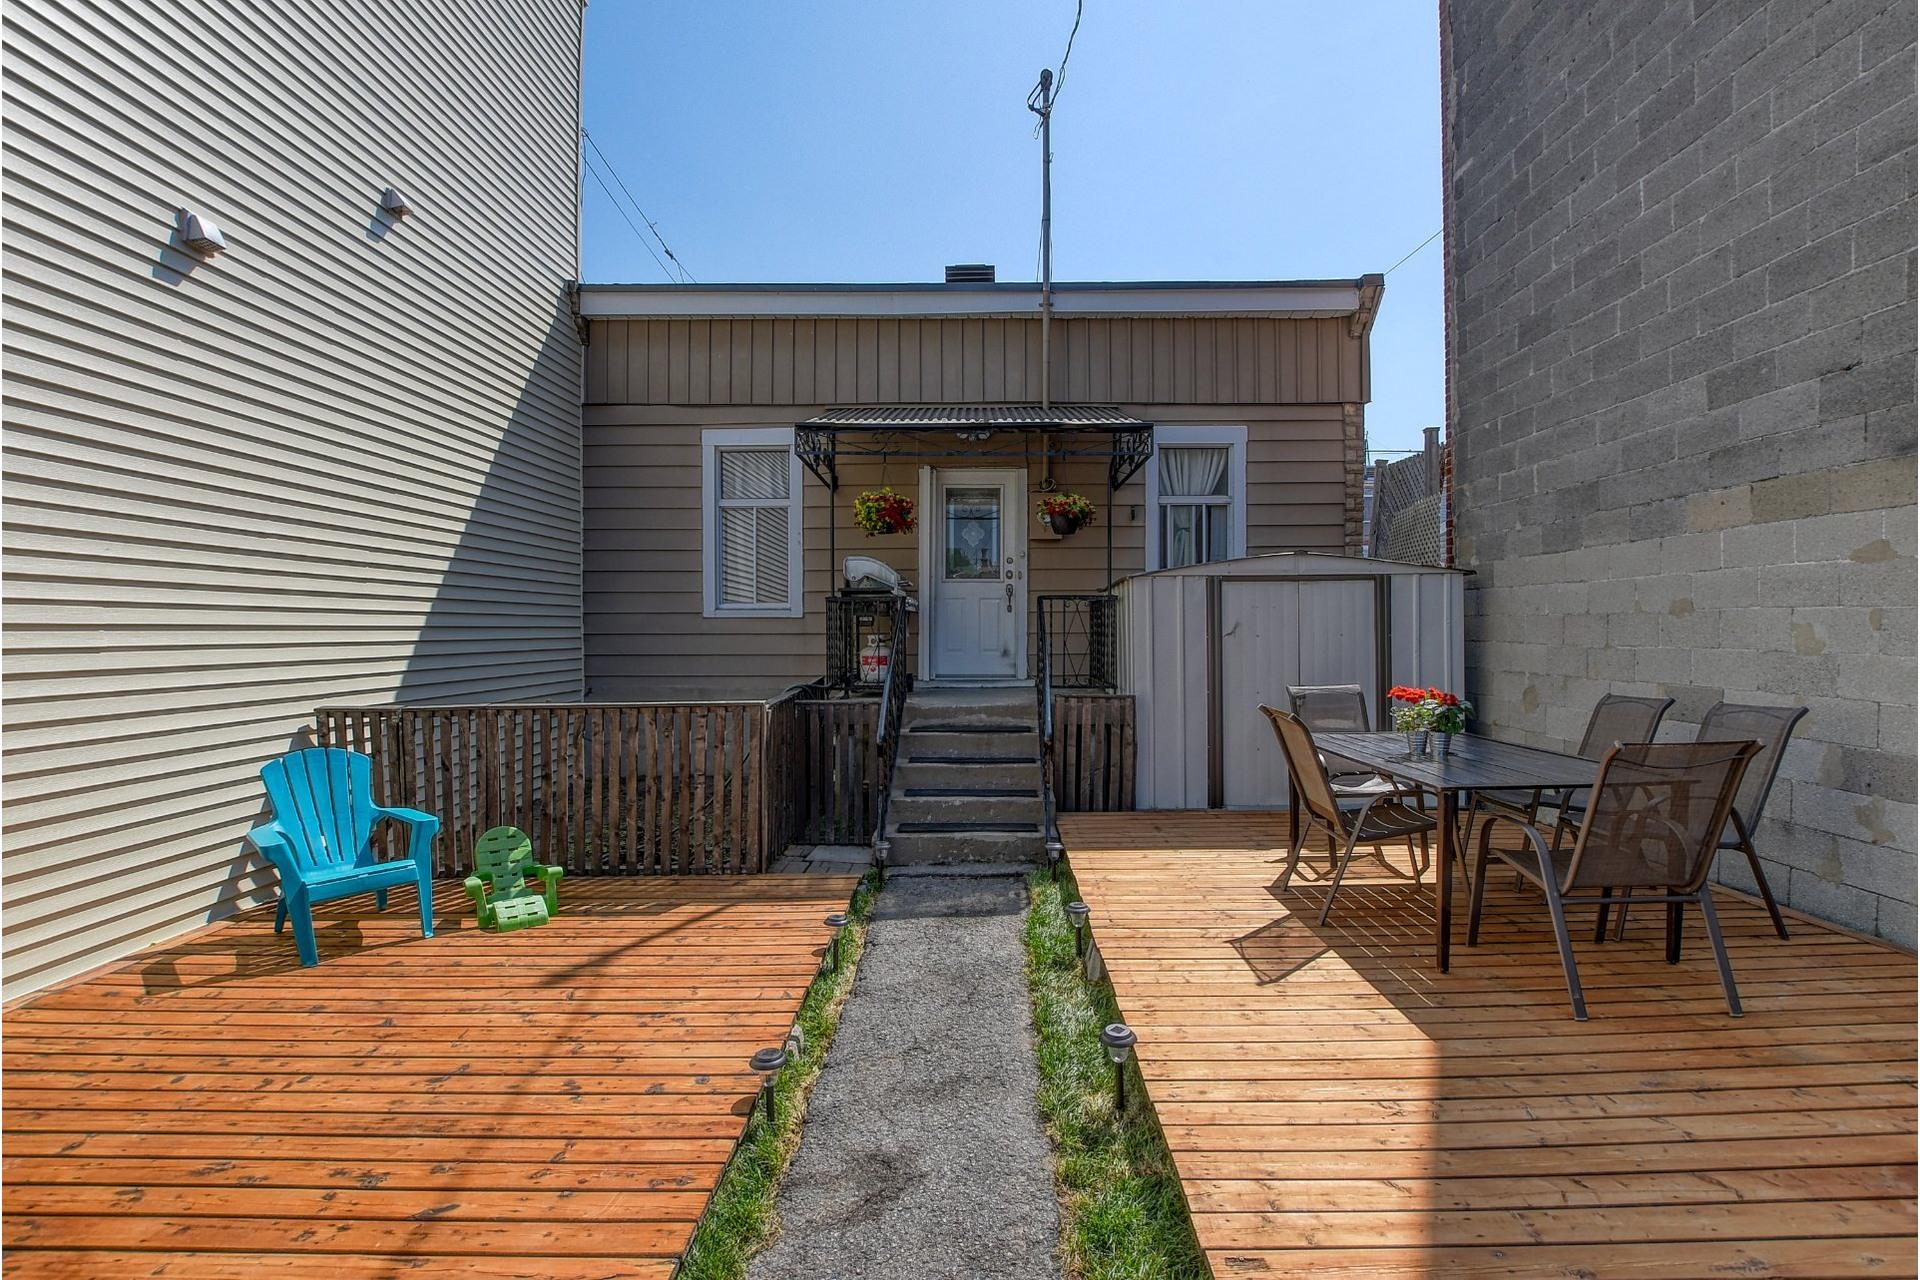 image 20 - House For sale Lachine Montréal  - 5 rooms